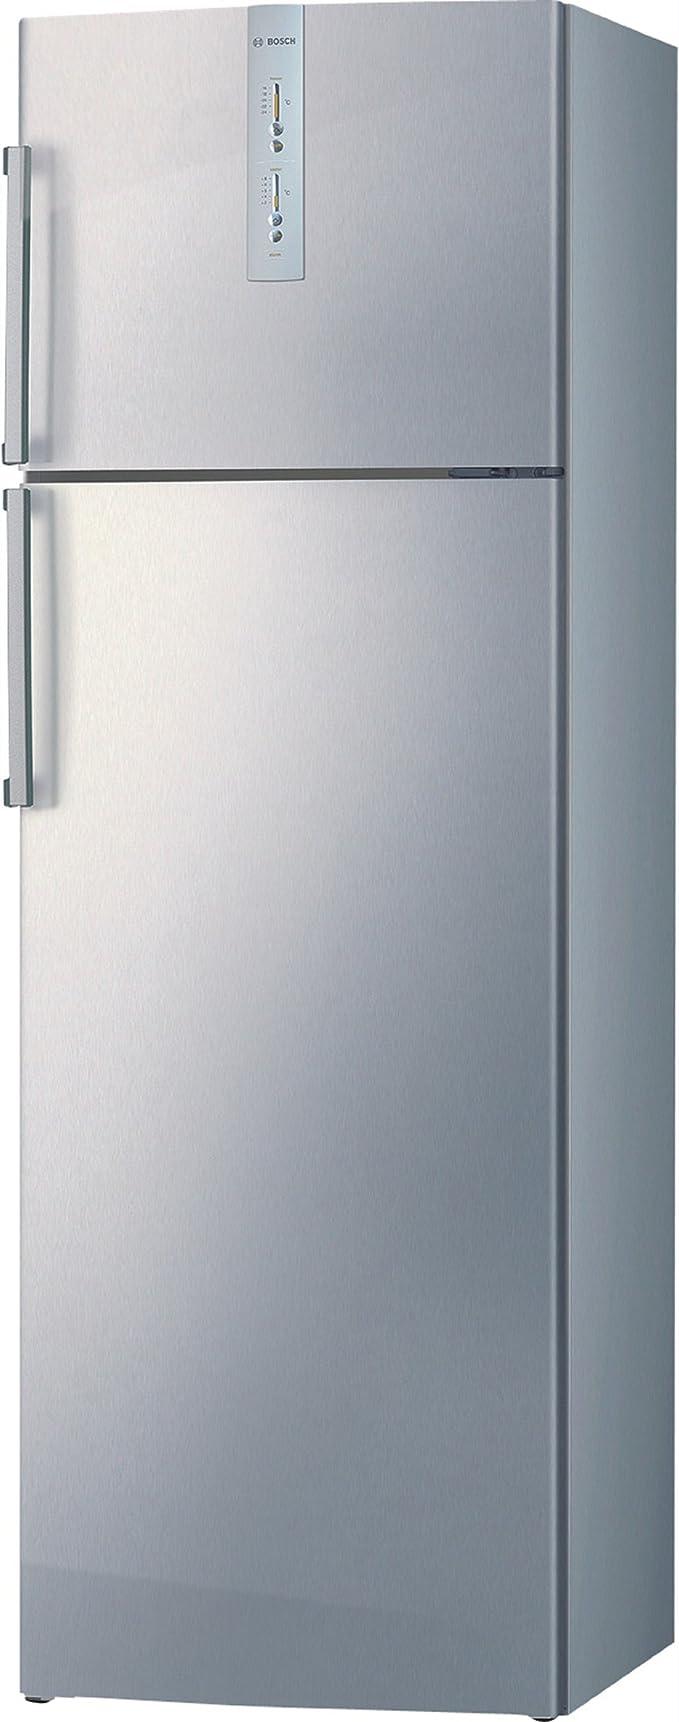 Bosch KDN32A71 nevera y congelador Independiente Cromo, Acero ...